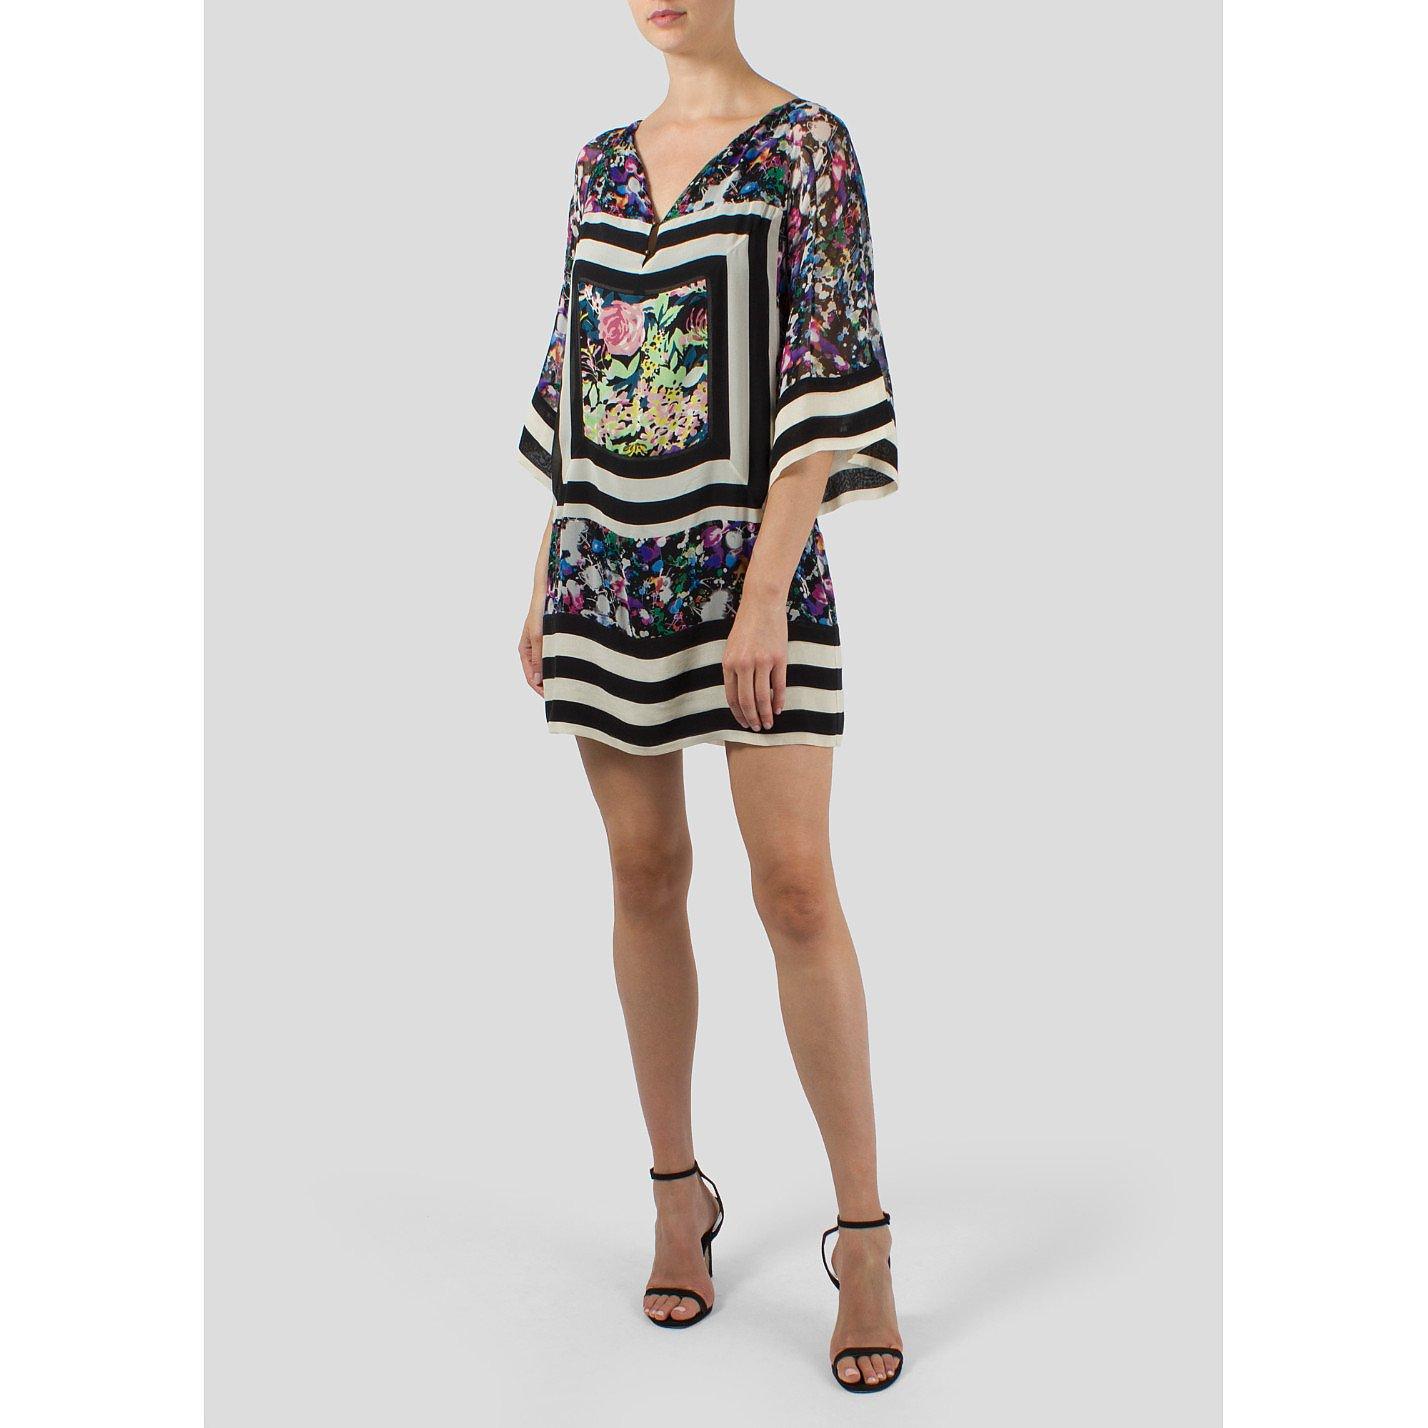 Diane von Furstenberg Printed Kaftan Style Dress